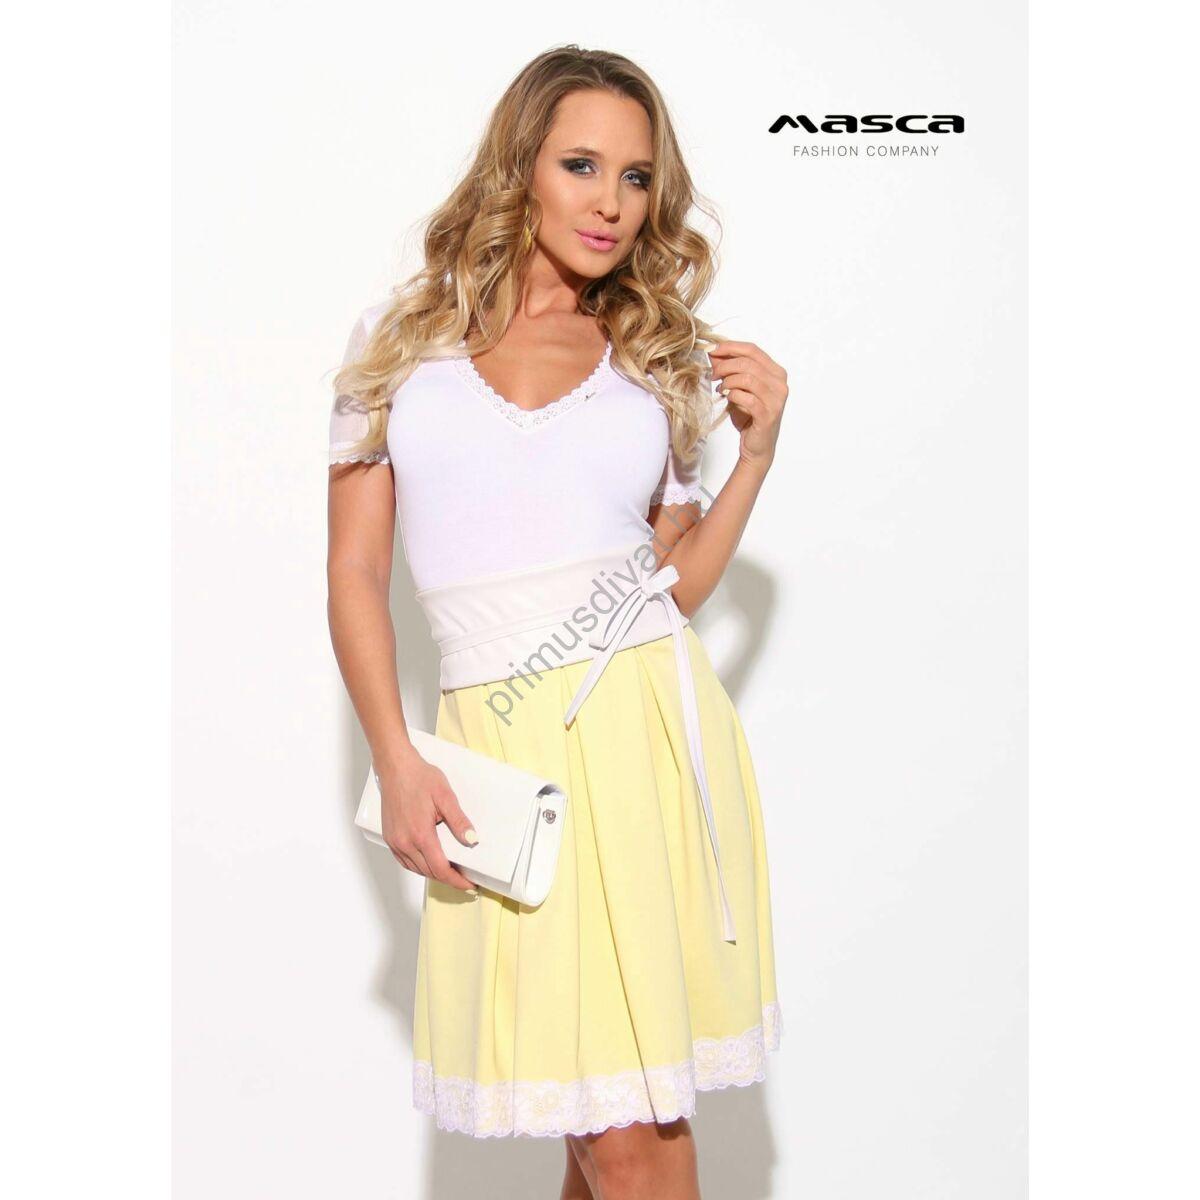 b938bf8ba Masca Fashion loknis csipkeszegélyes szoknyarészű, rövid muszlin ujjú  sárga-fehér alkalmi ruha, megkötős műbőr övvel - Mf908-23